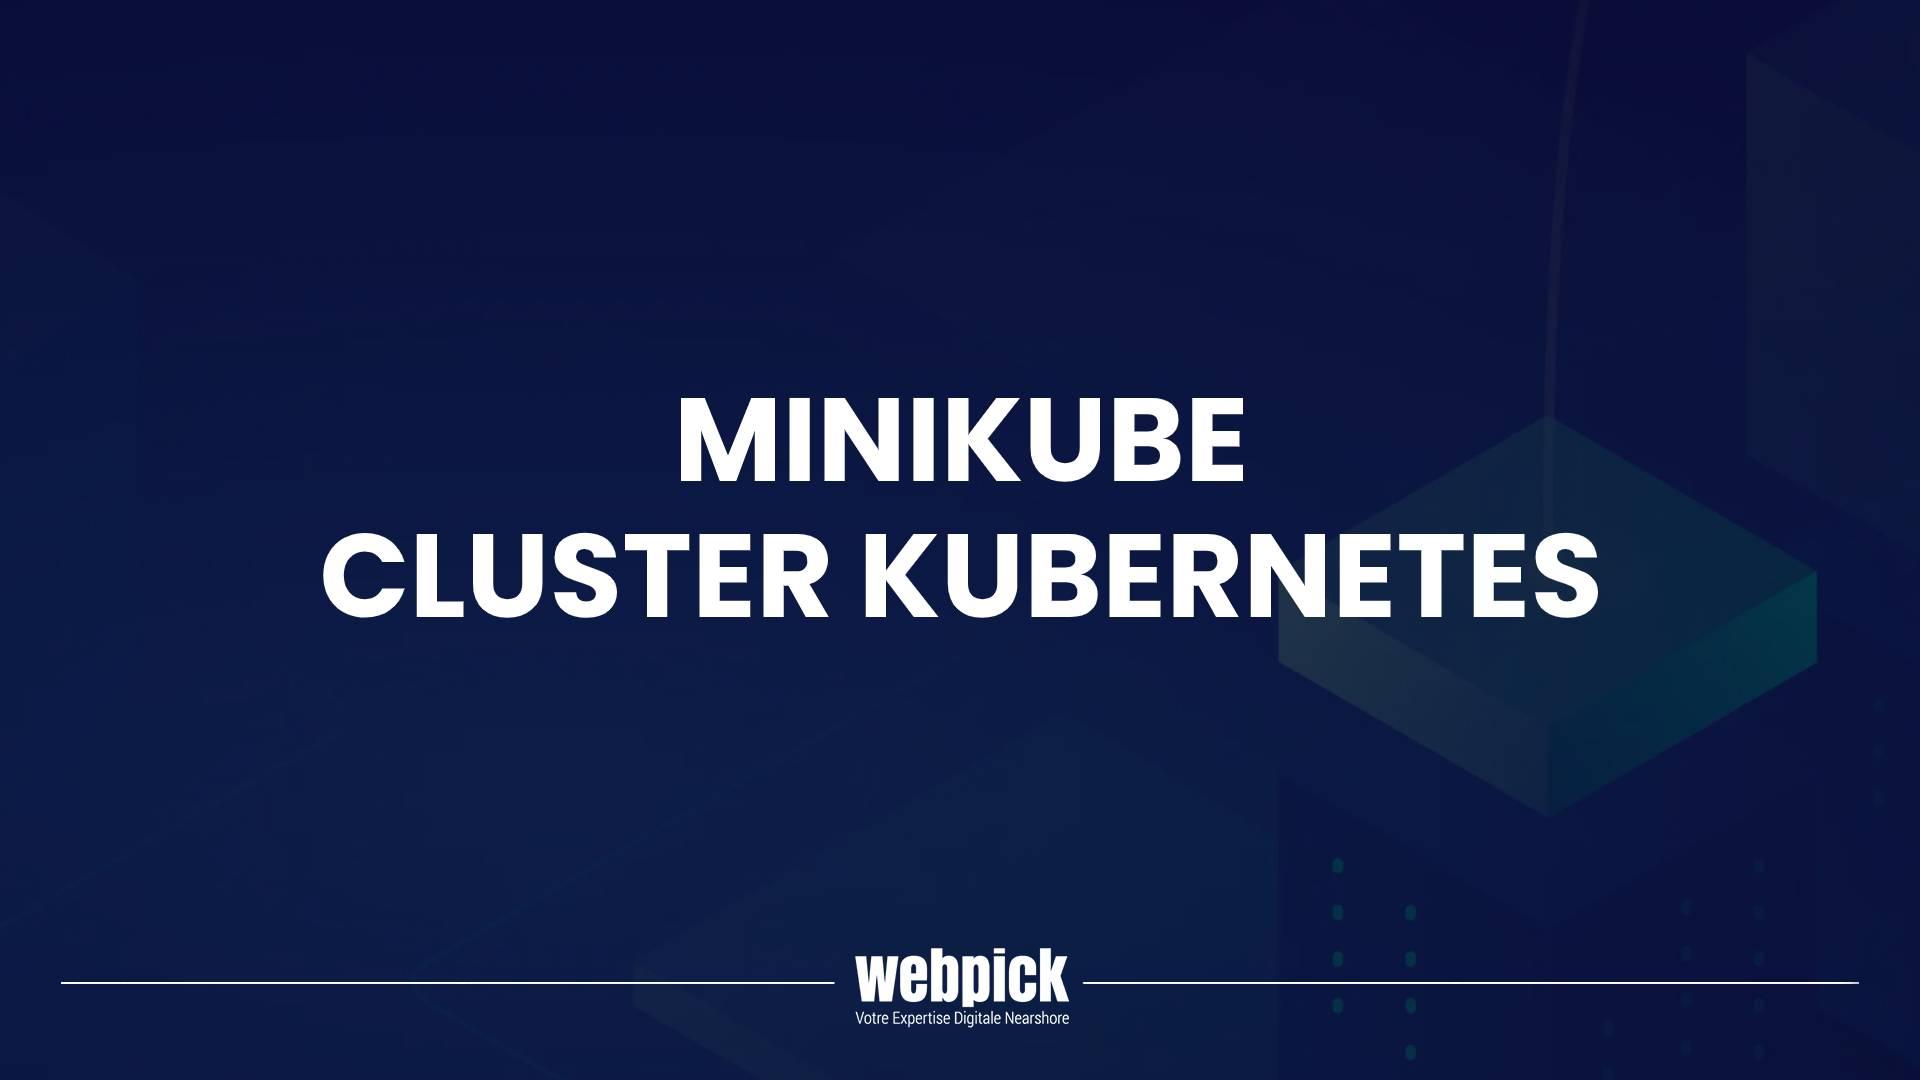 Minikube, mise en place d'un cluster Kubernetes à noeud unique